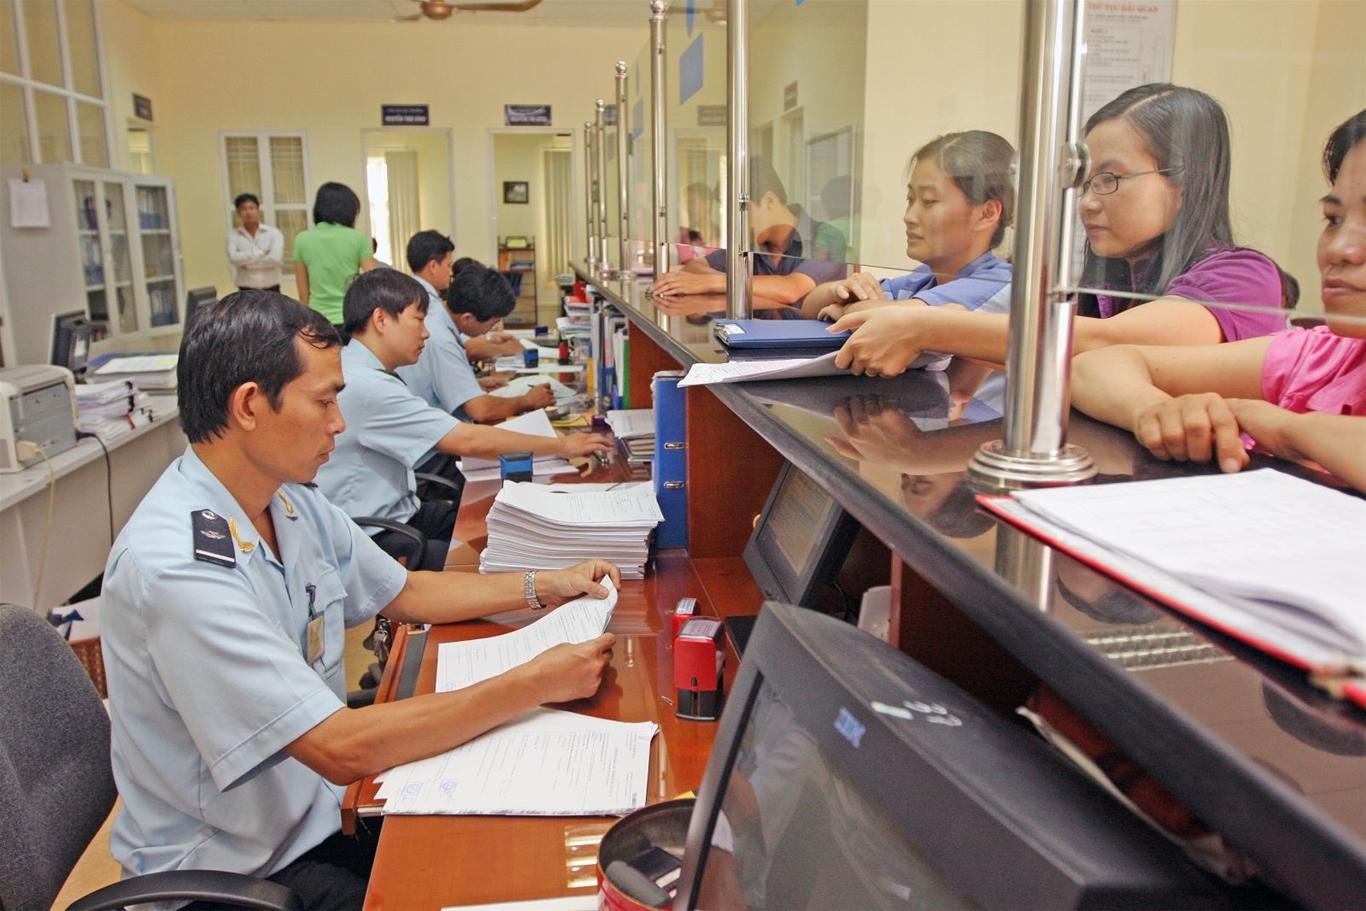 Tờ khai thông quan là giấy tờ có tác dụng thông quan tại chi cục Hải quan.